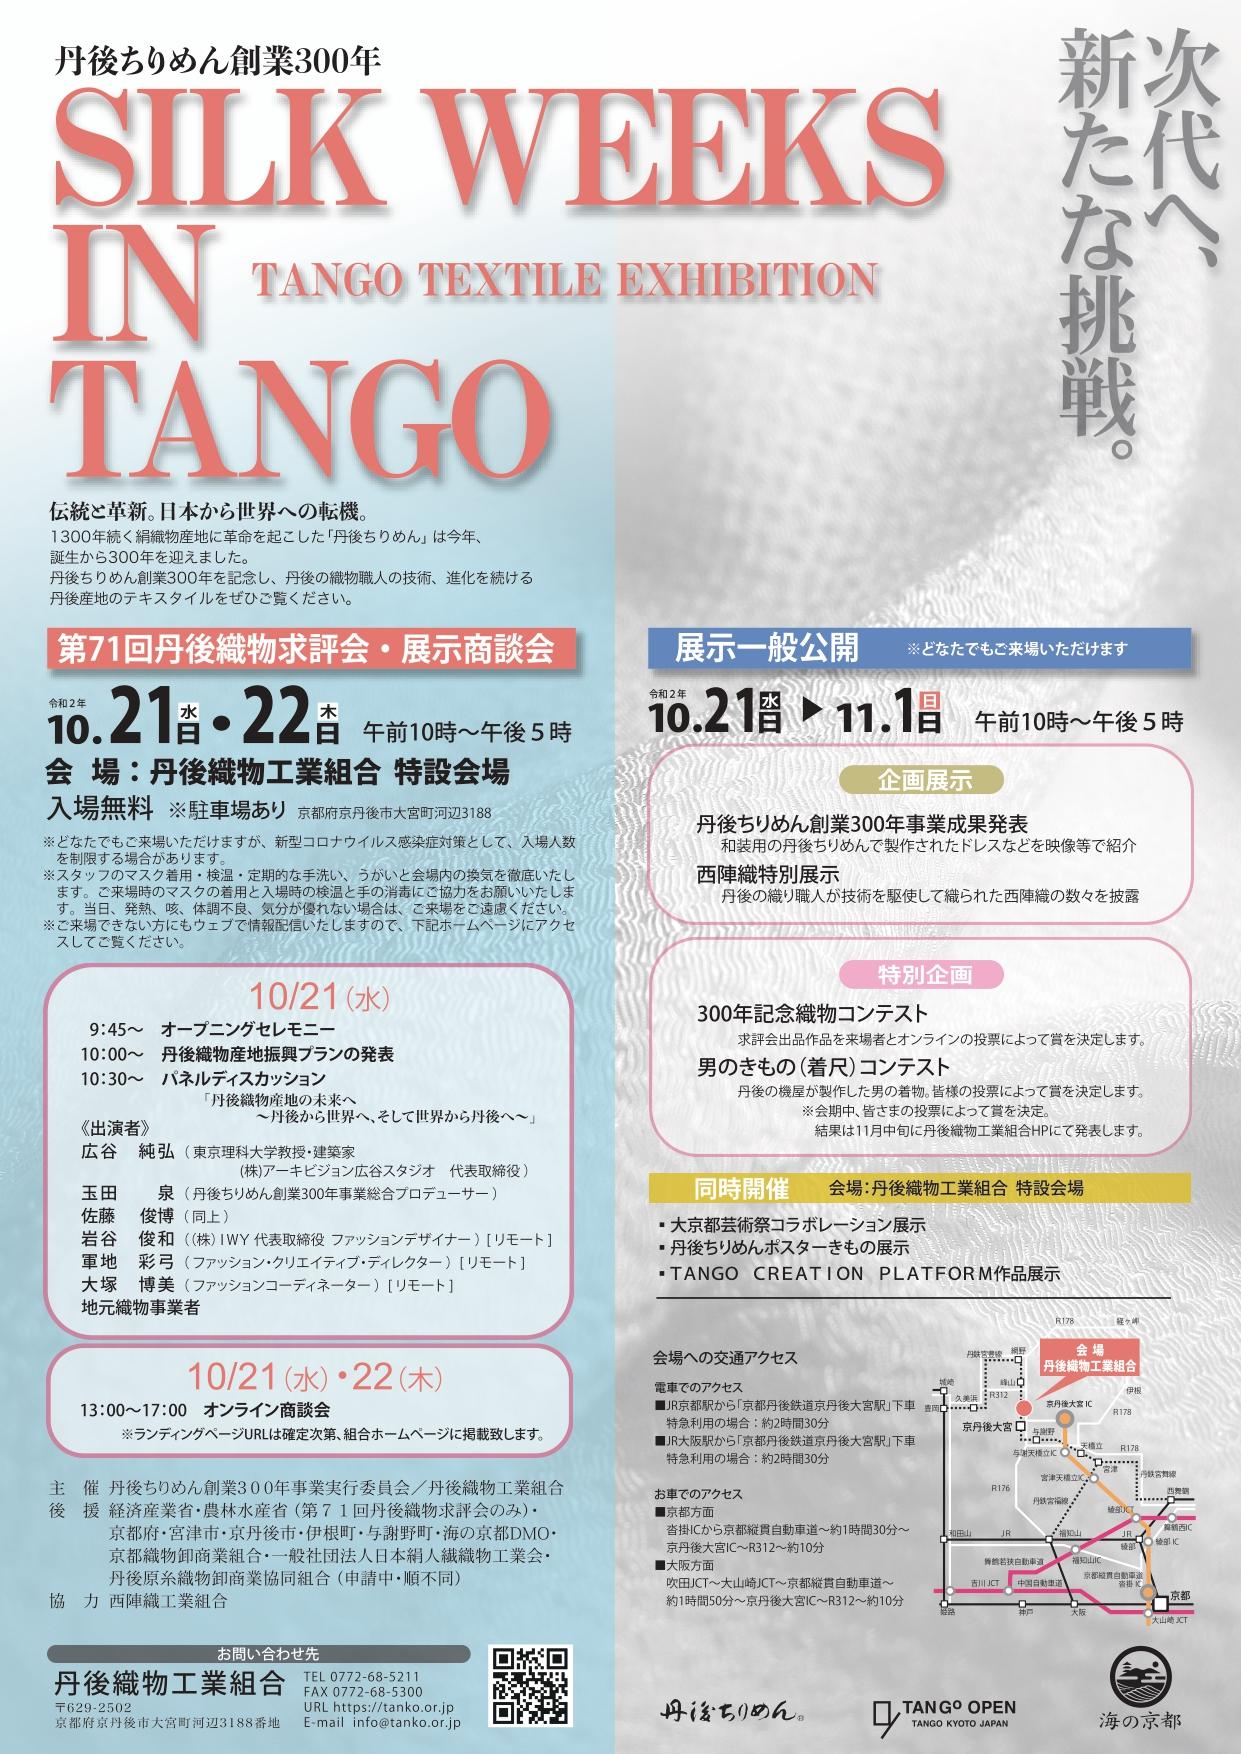 丹後ちりめん創業300年SILK WEEKS IN TANGO TANGO TEXTILE EXHIBITION開催のご案内(10/21-11/1開催)